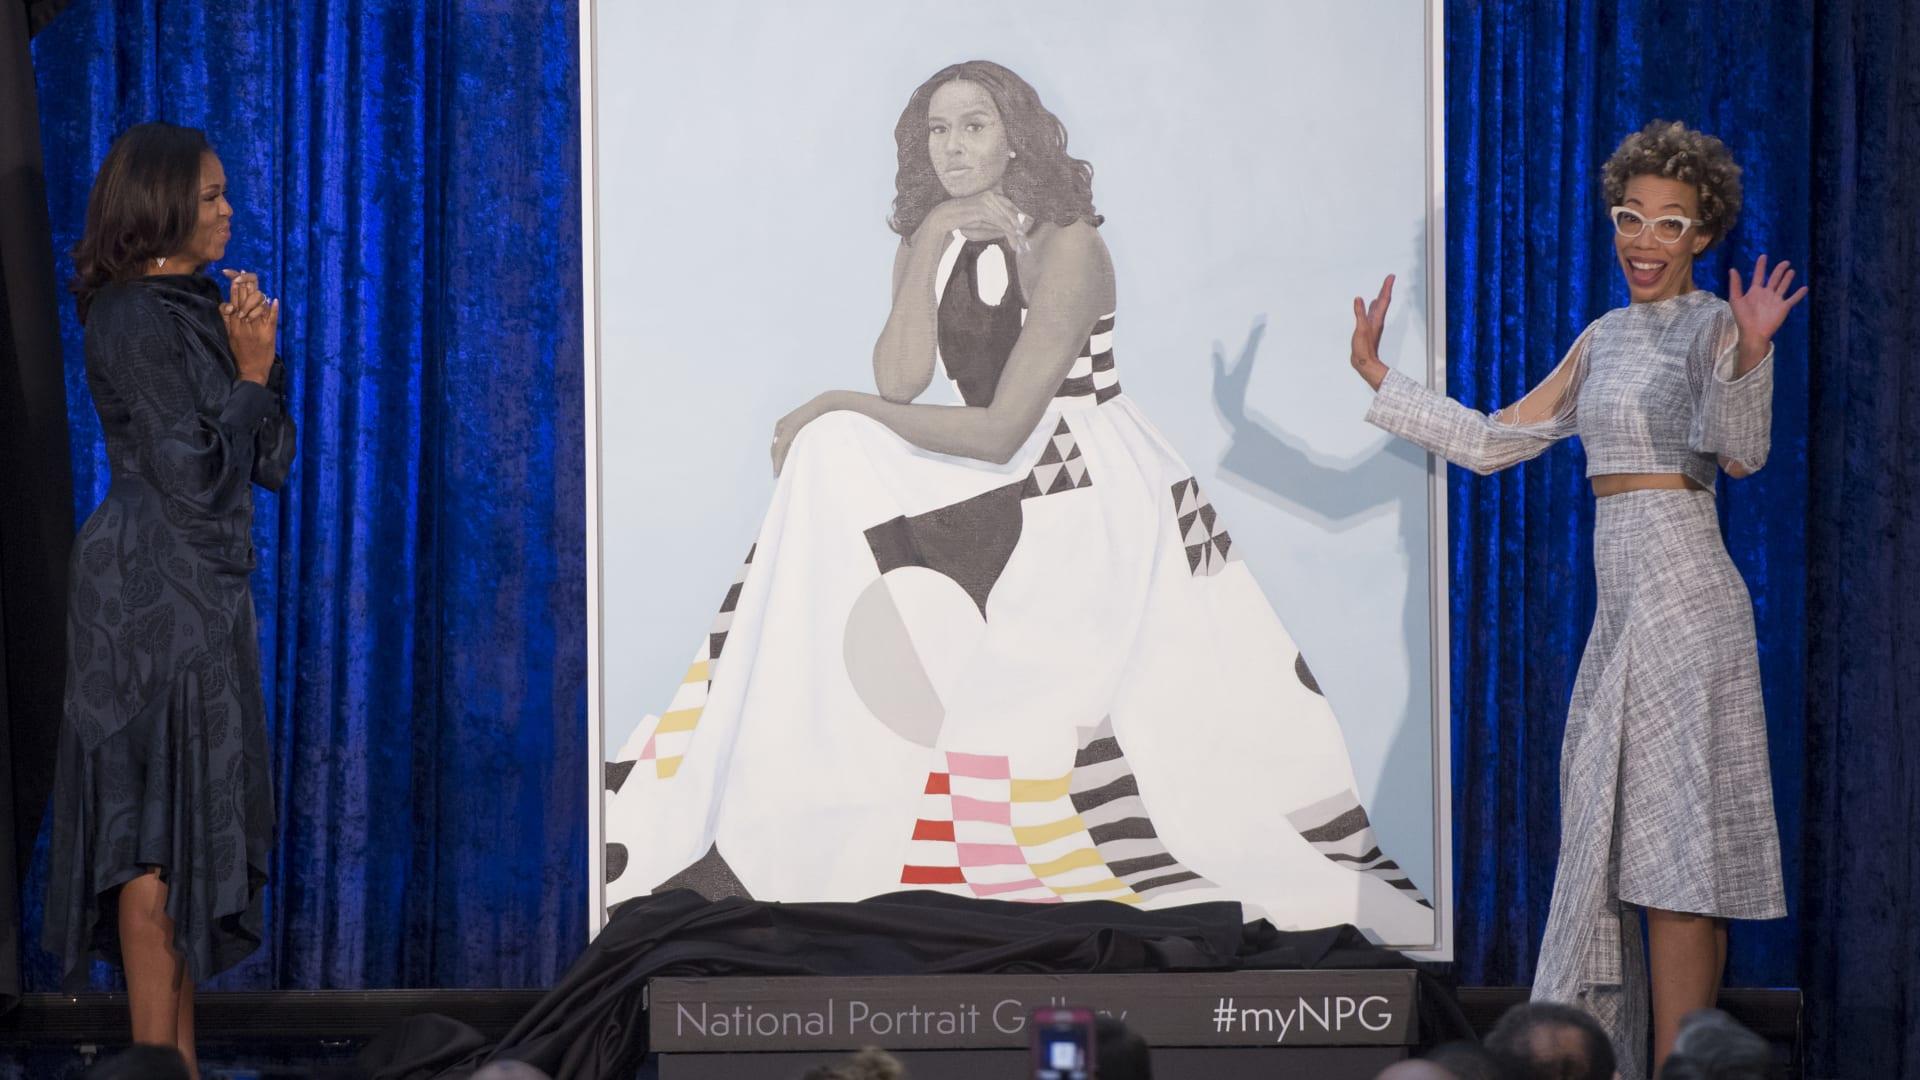 ميشيل أوباما تكشف القصة وراء اللوحتين الرسميتين لها ولزوجها